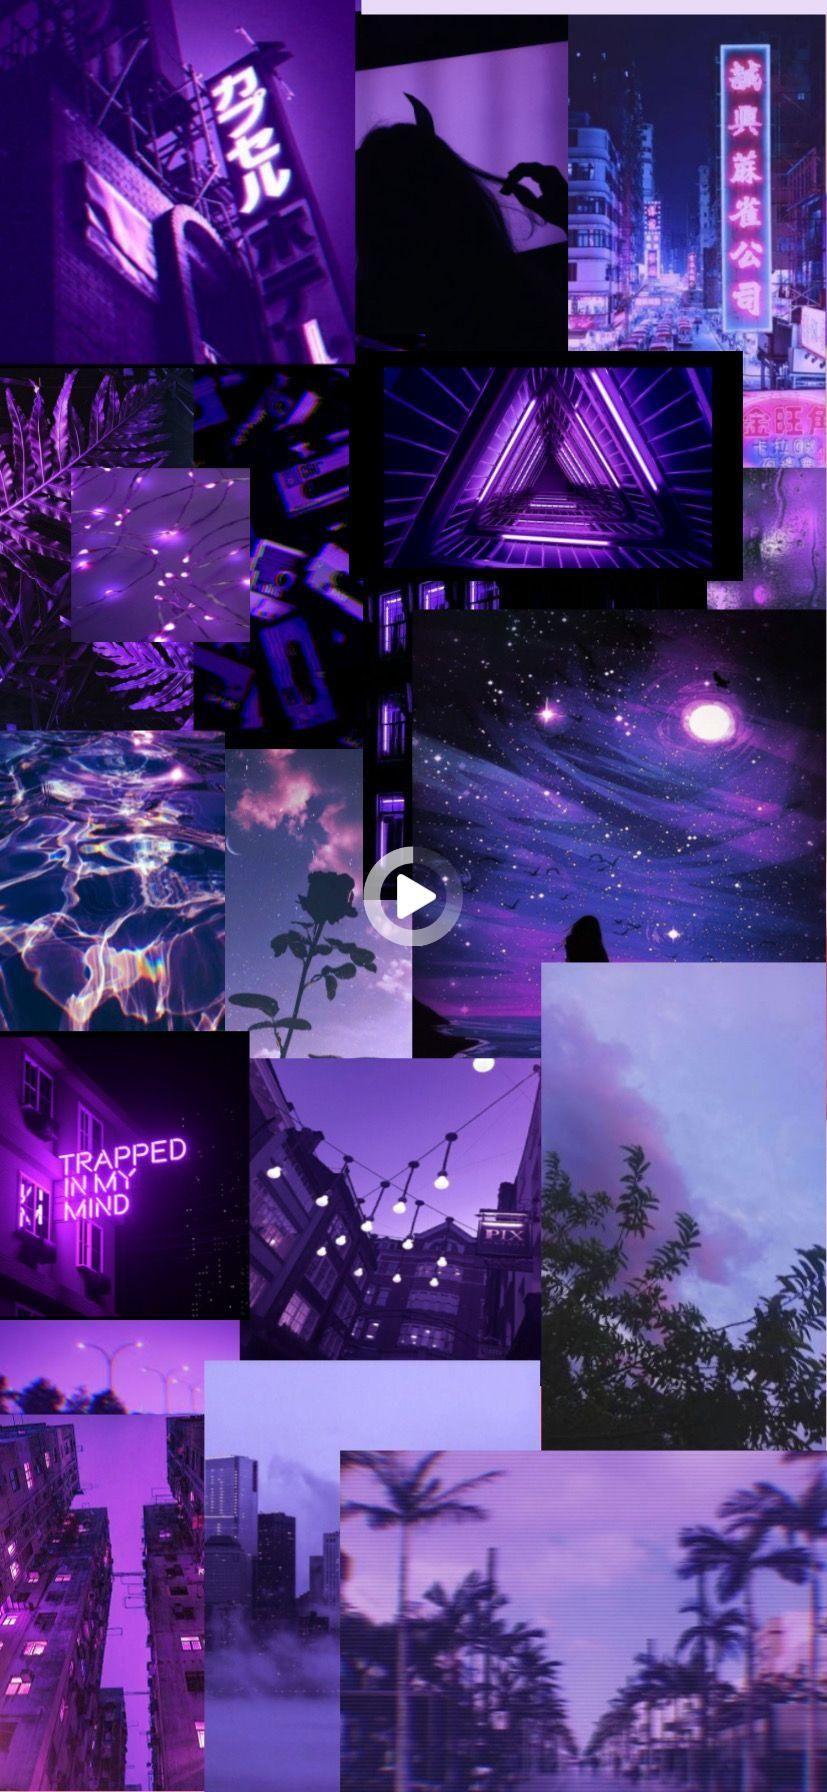 Purpleaesthetic Wallpaper Purple Collage Aesthetic Freetoedit Purple Wallpaper Purple Wallpaper Phone Dark Purple Wallpaper Dark iphone purple aesthetic wallpaper